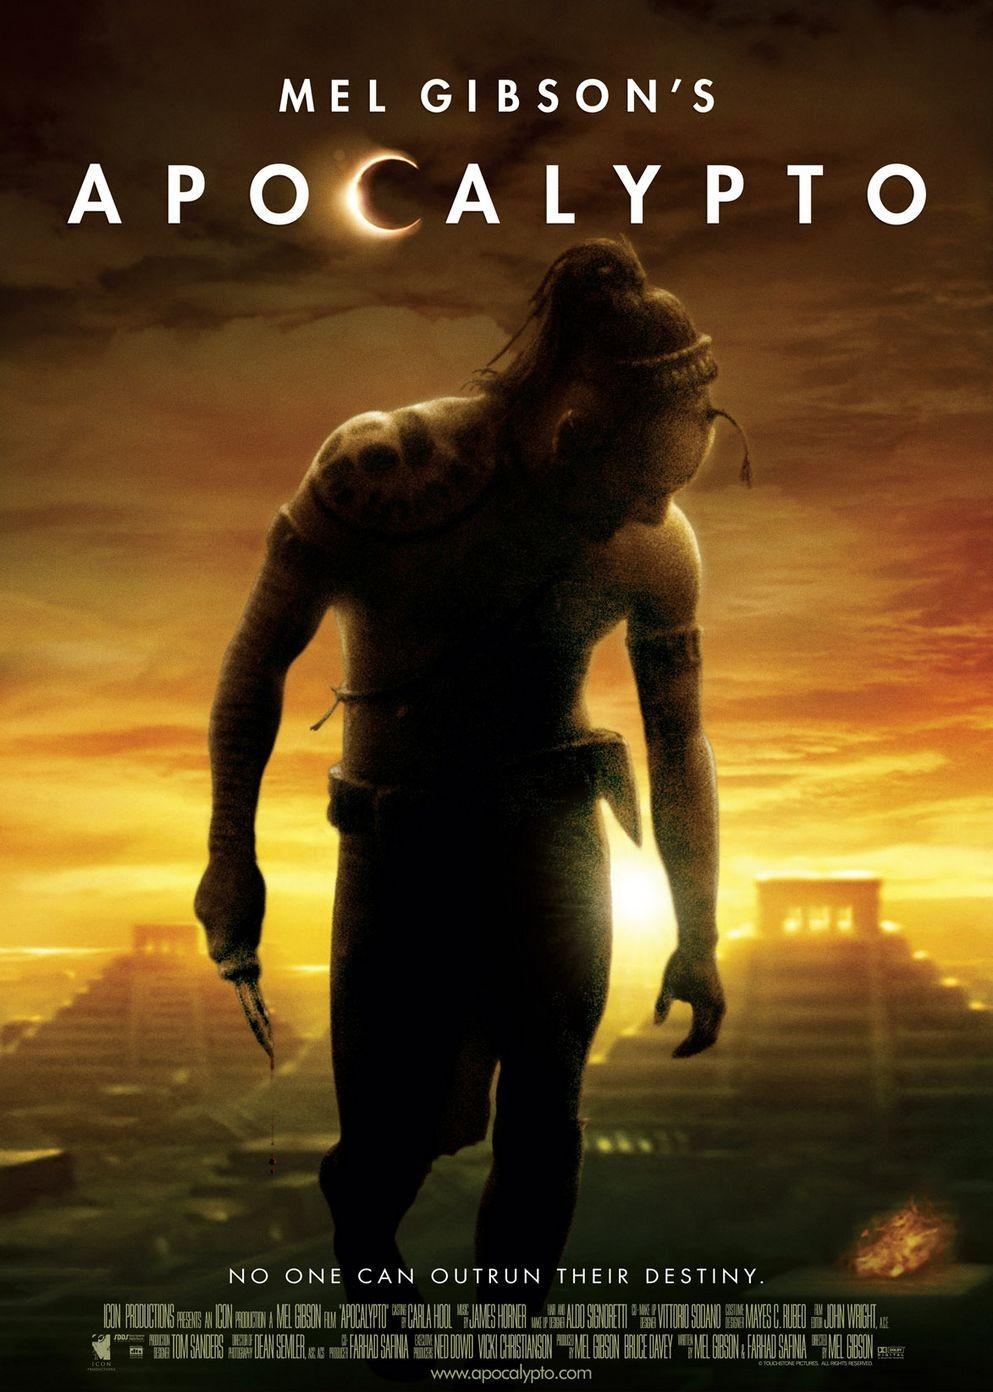 Apocalypto [2006] [1080p BRrip] [Latino-Inglés] [GoogleDrive]